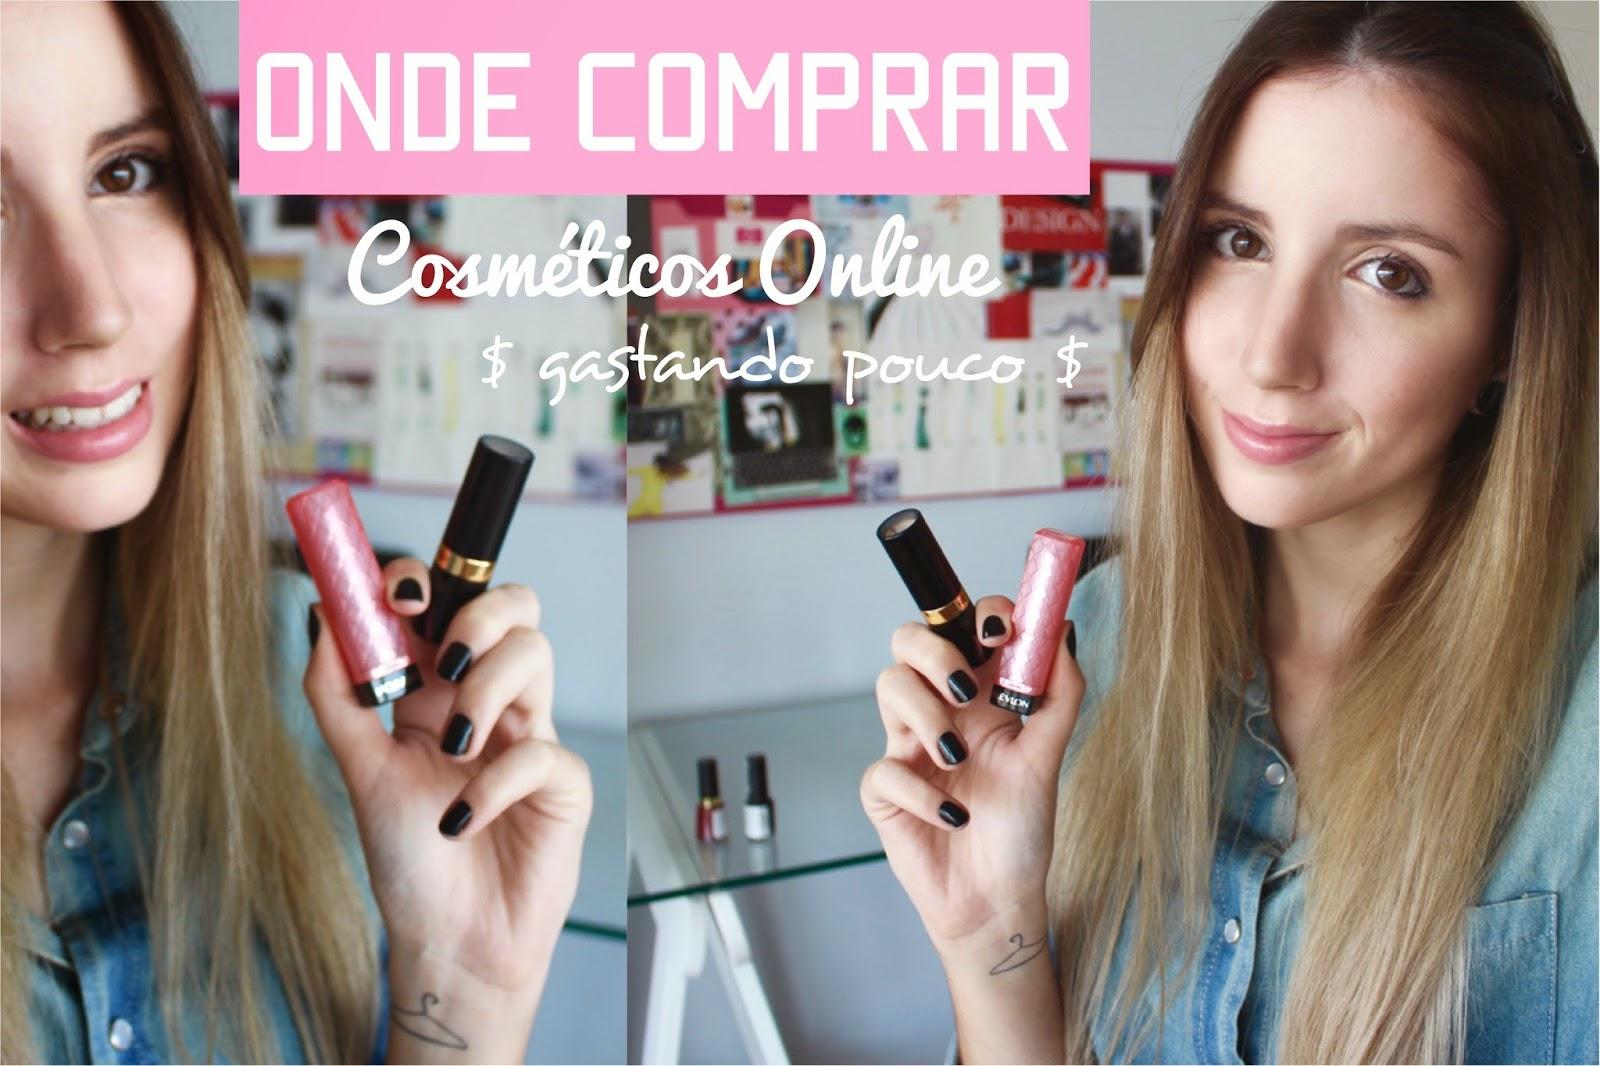 Onde comprar cosméticos online